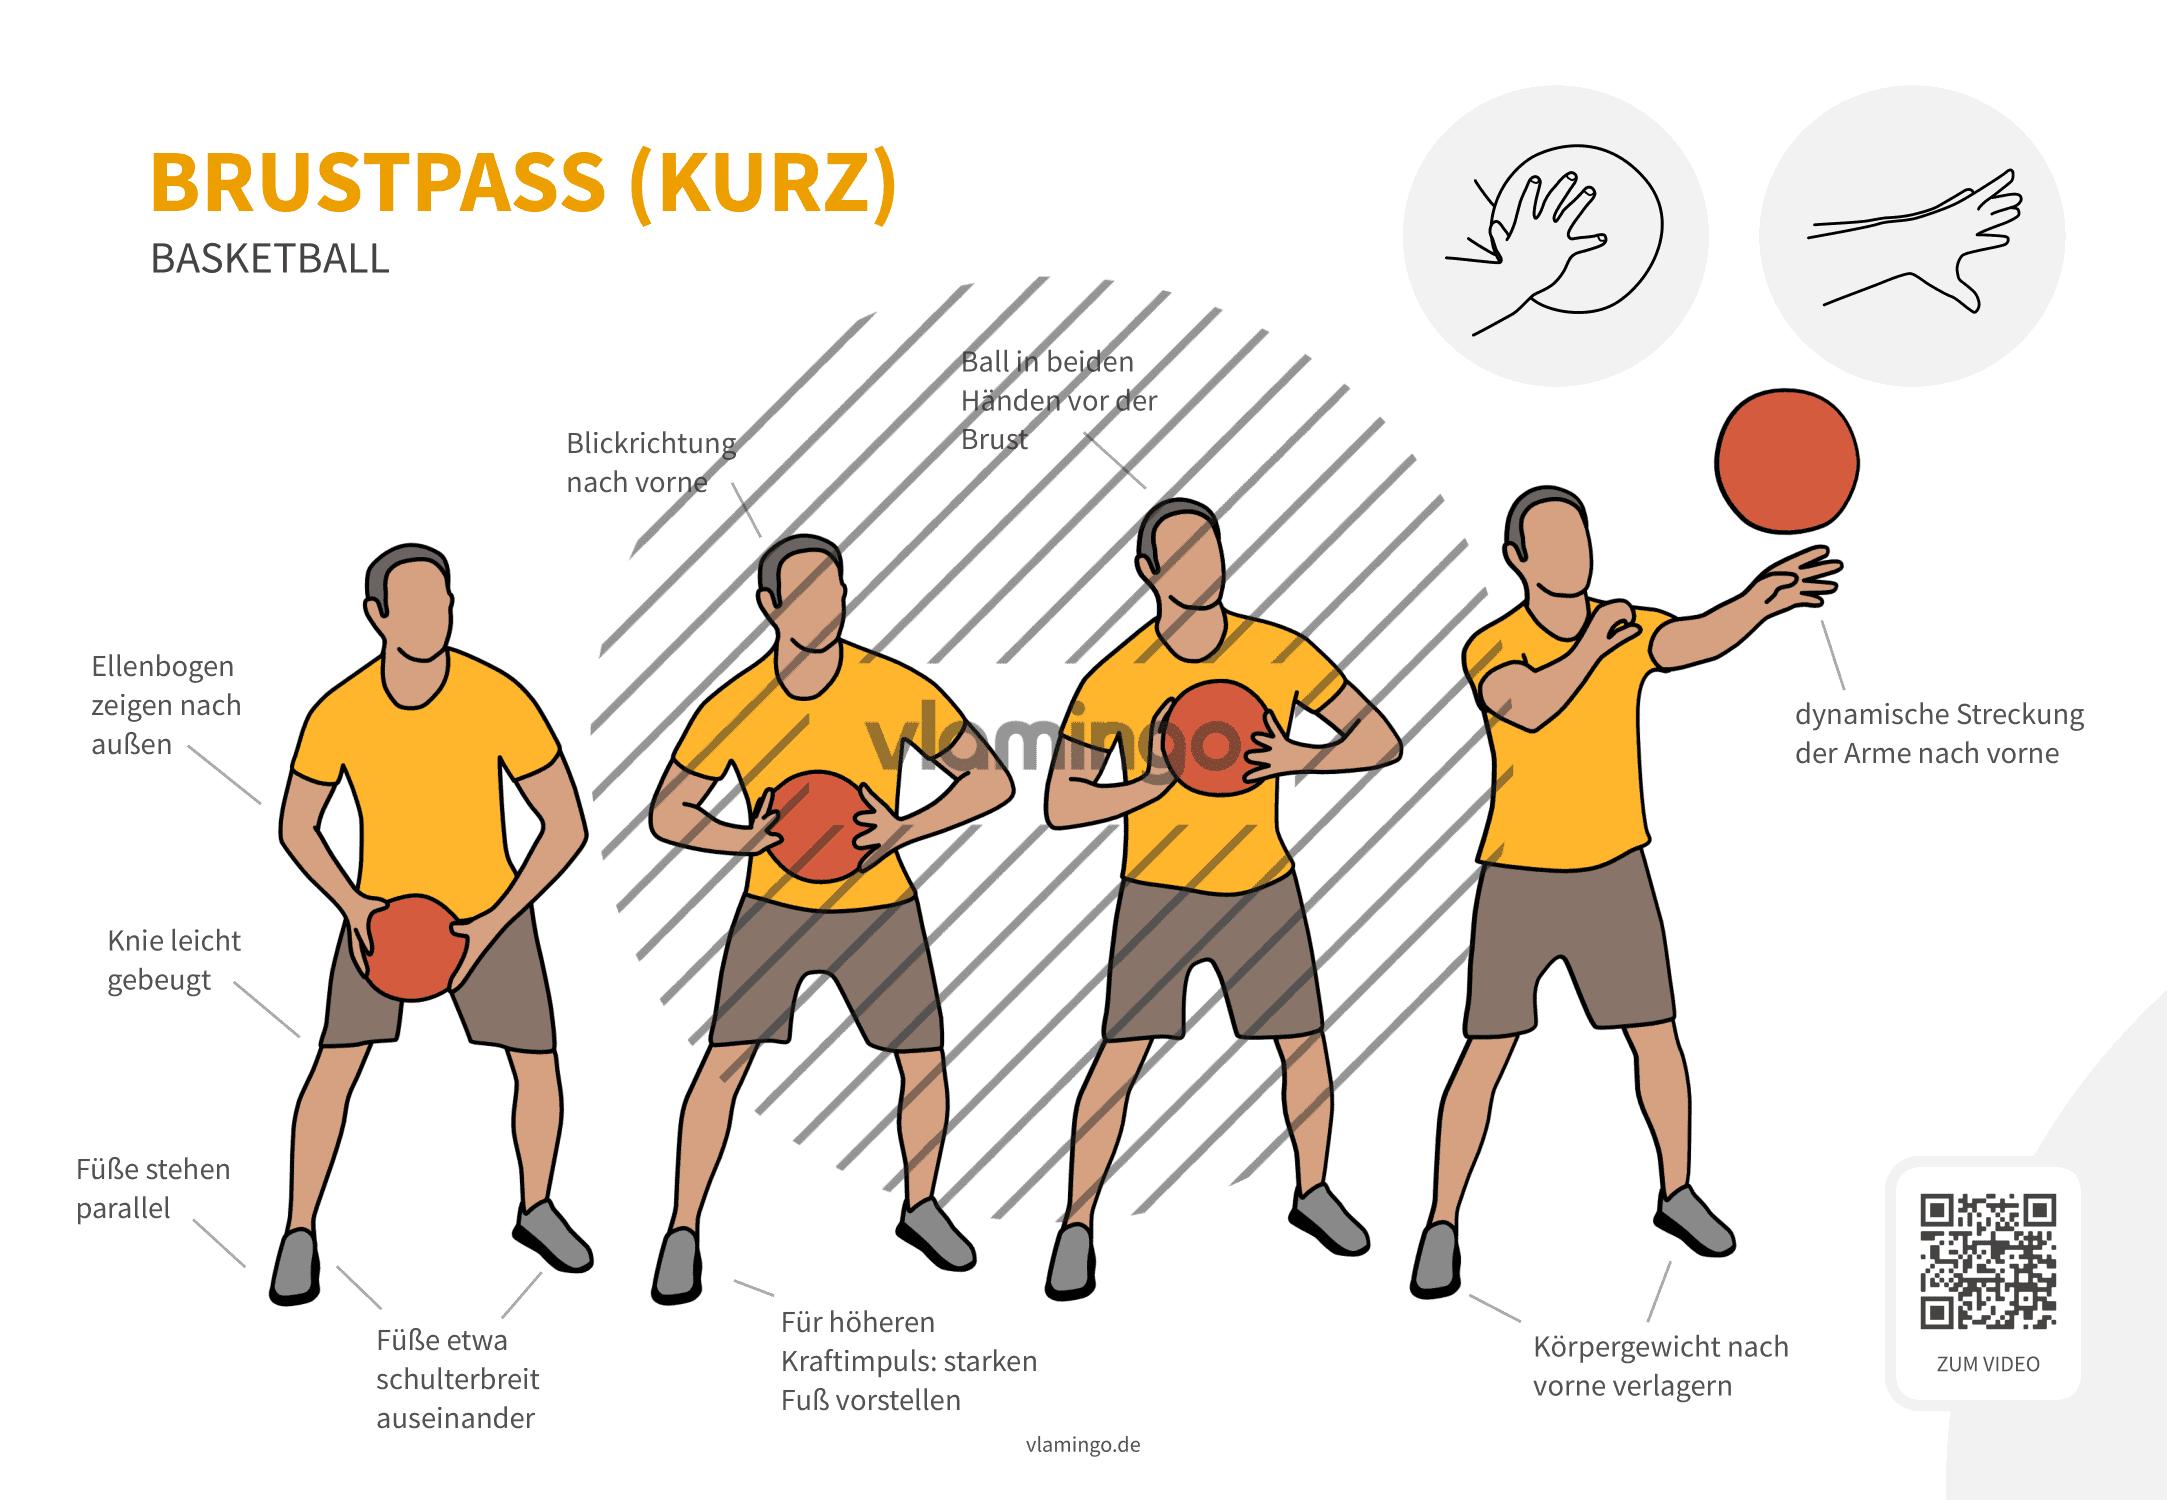 Basketball - Druckpass (von vorne)